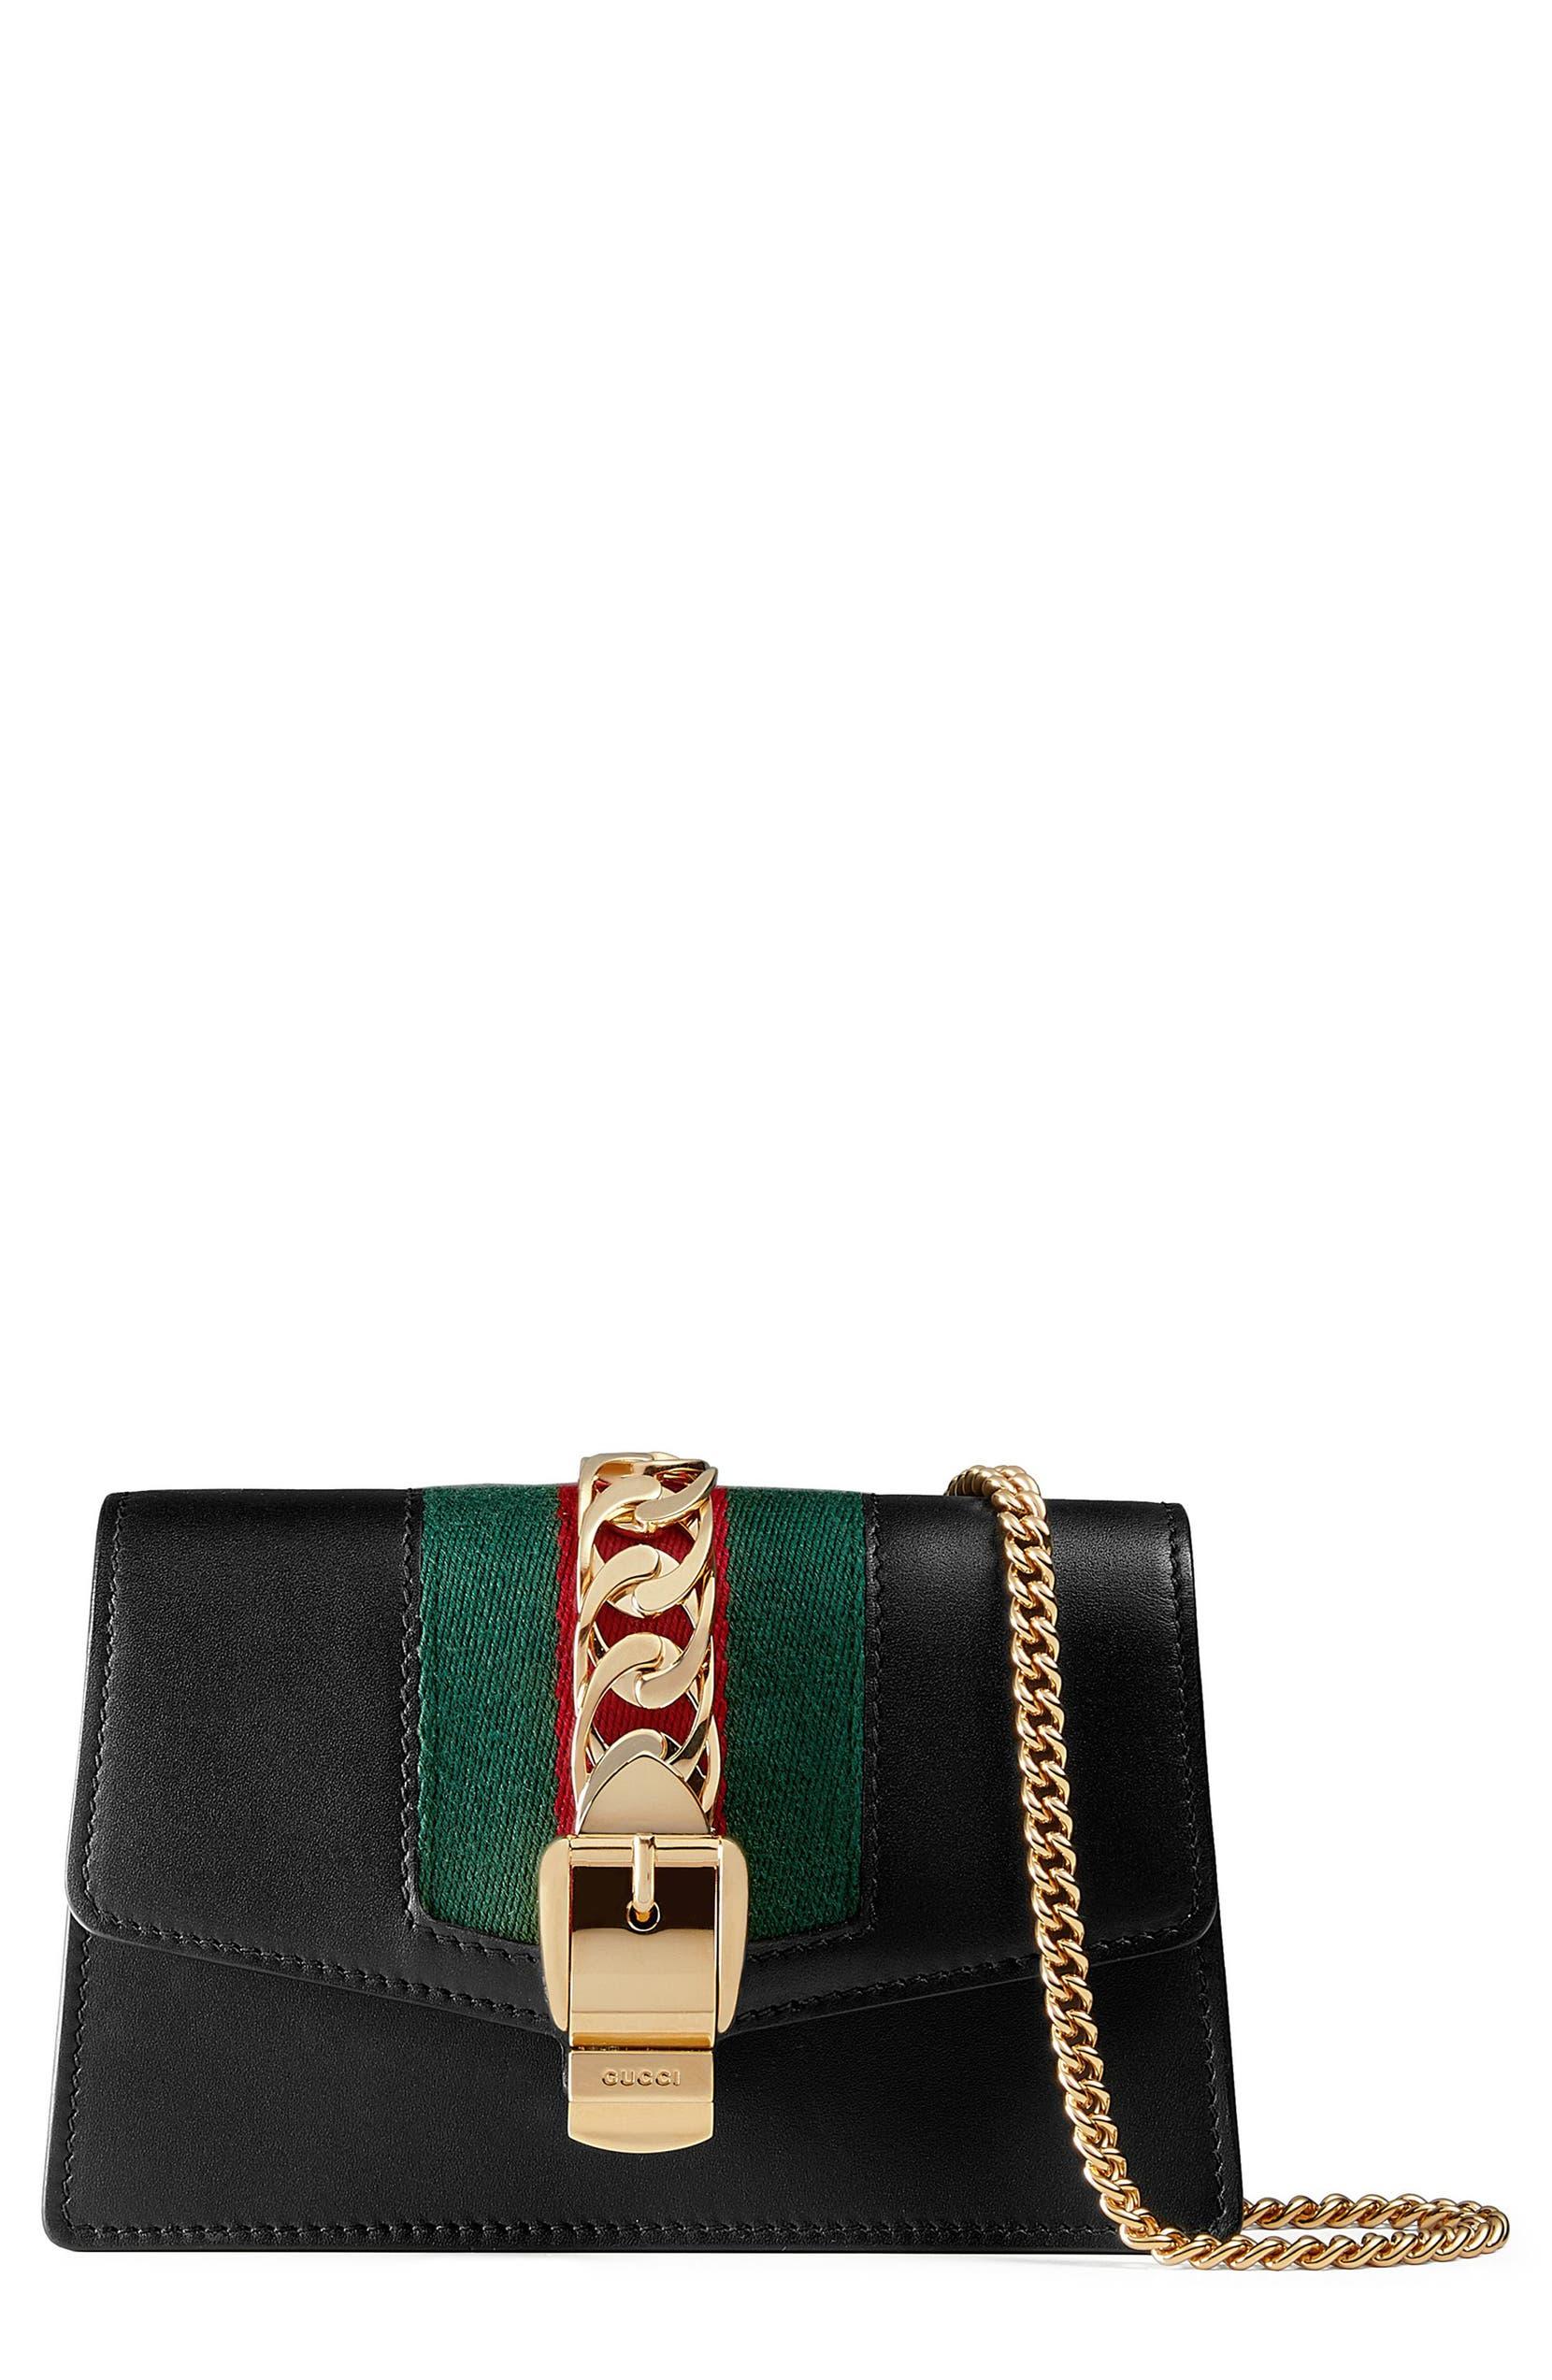 e77e2874a96 Gucci Super Mini Sylvie Chain Wallet